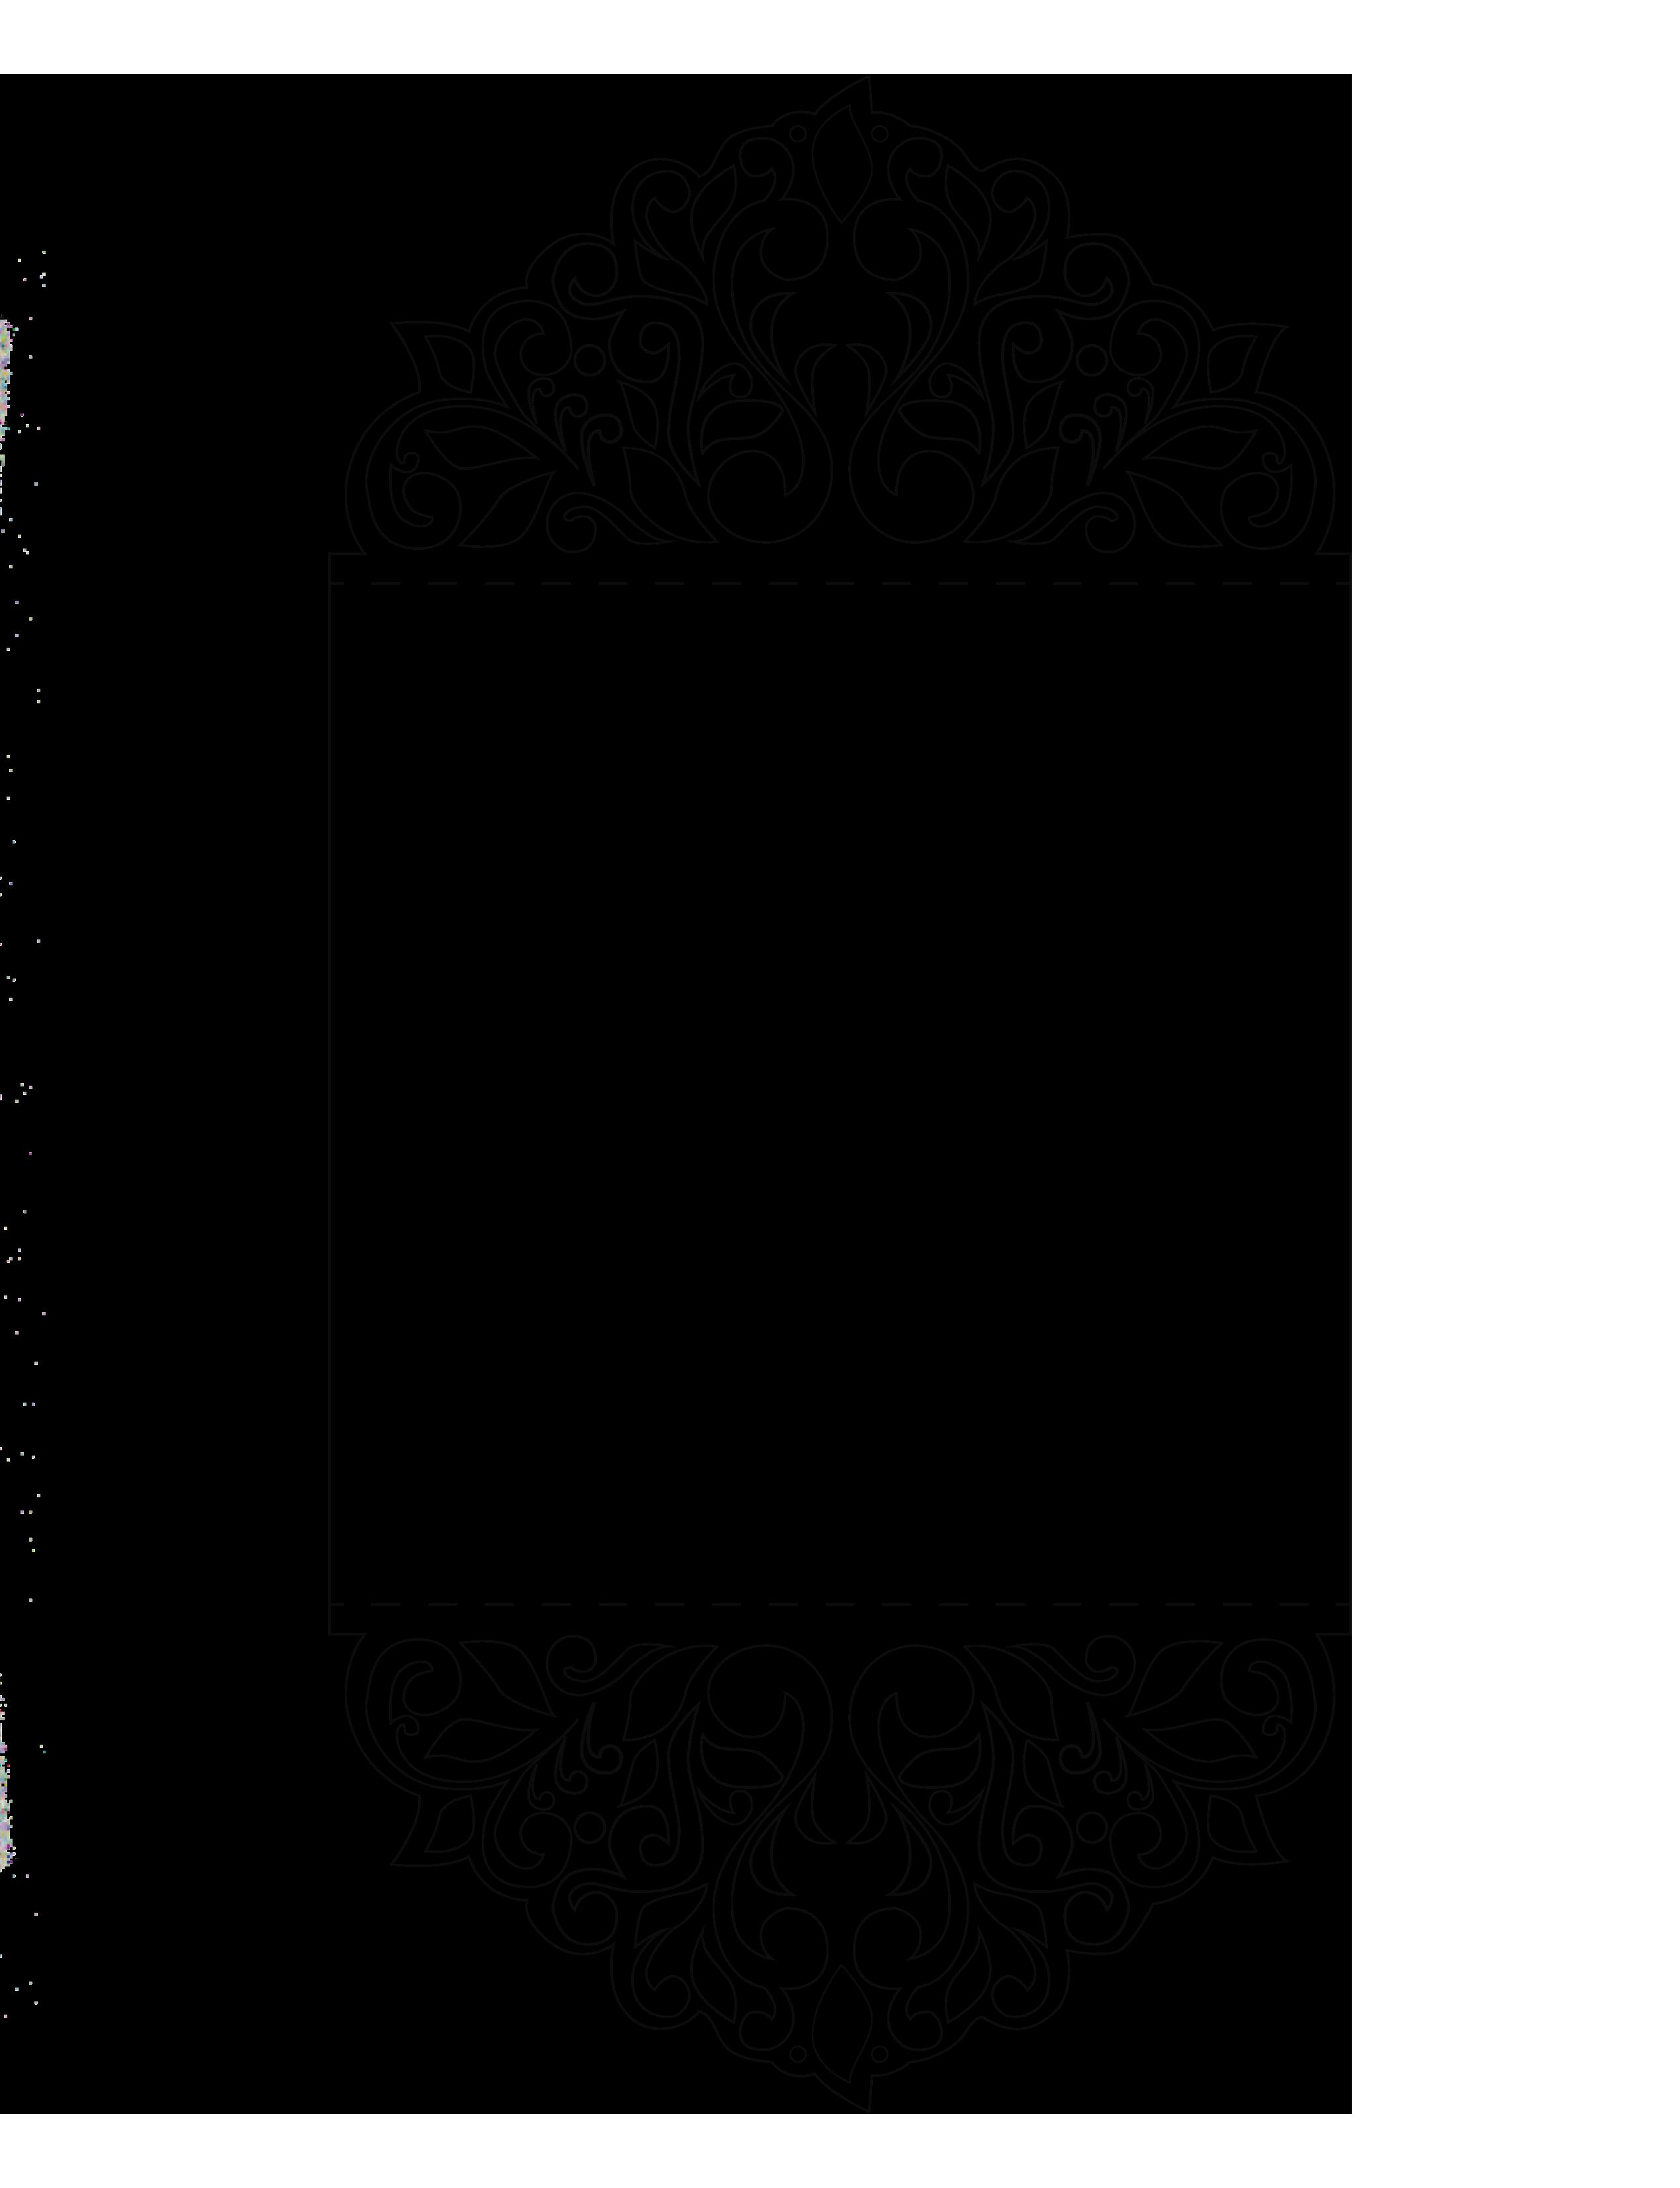 Шаблон для плоттера открытка